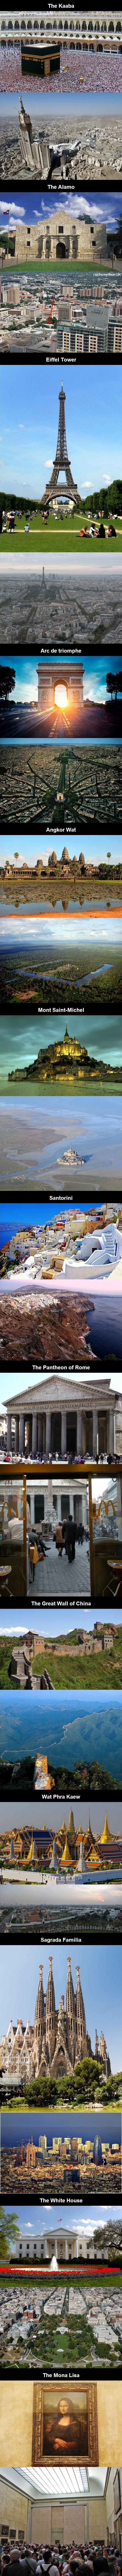 Famous landscapes